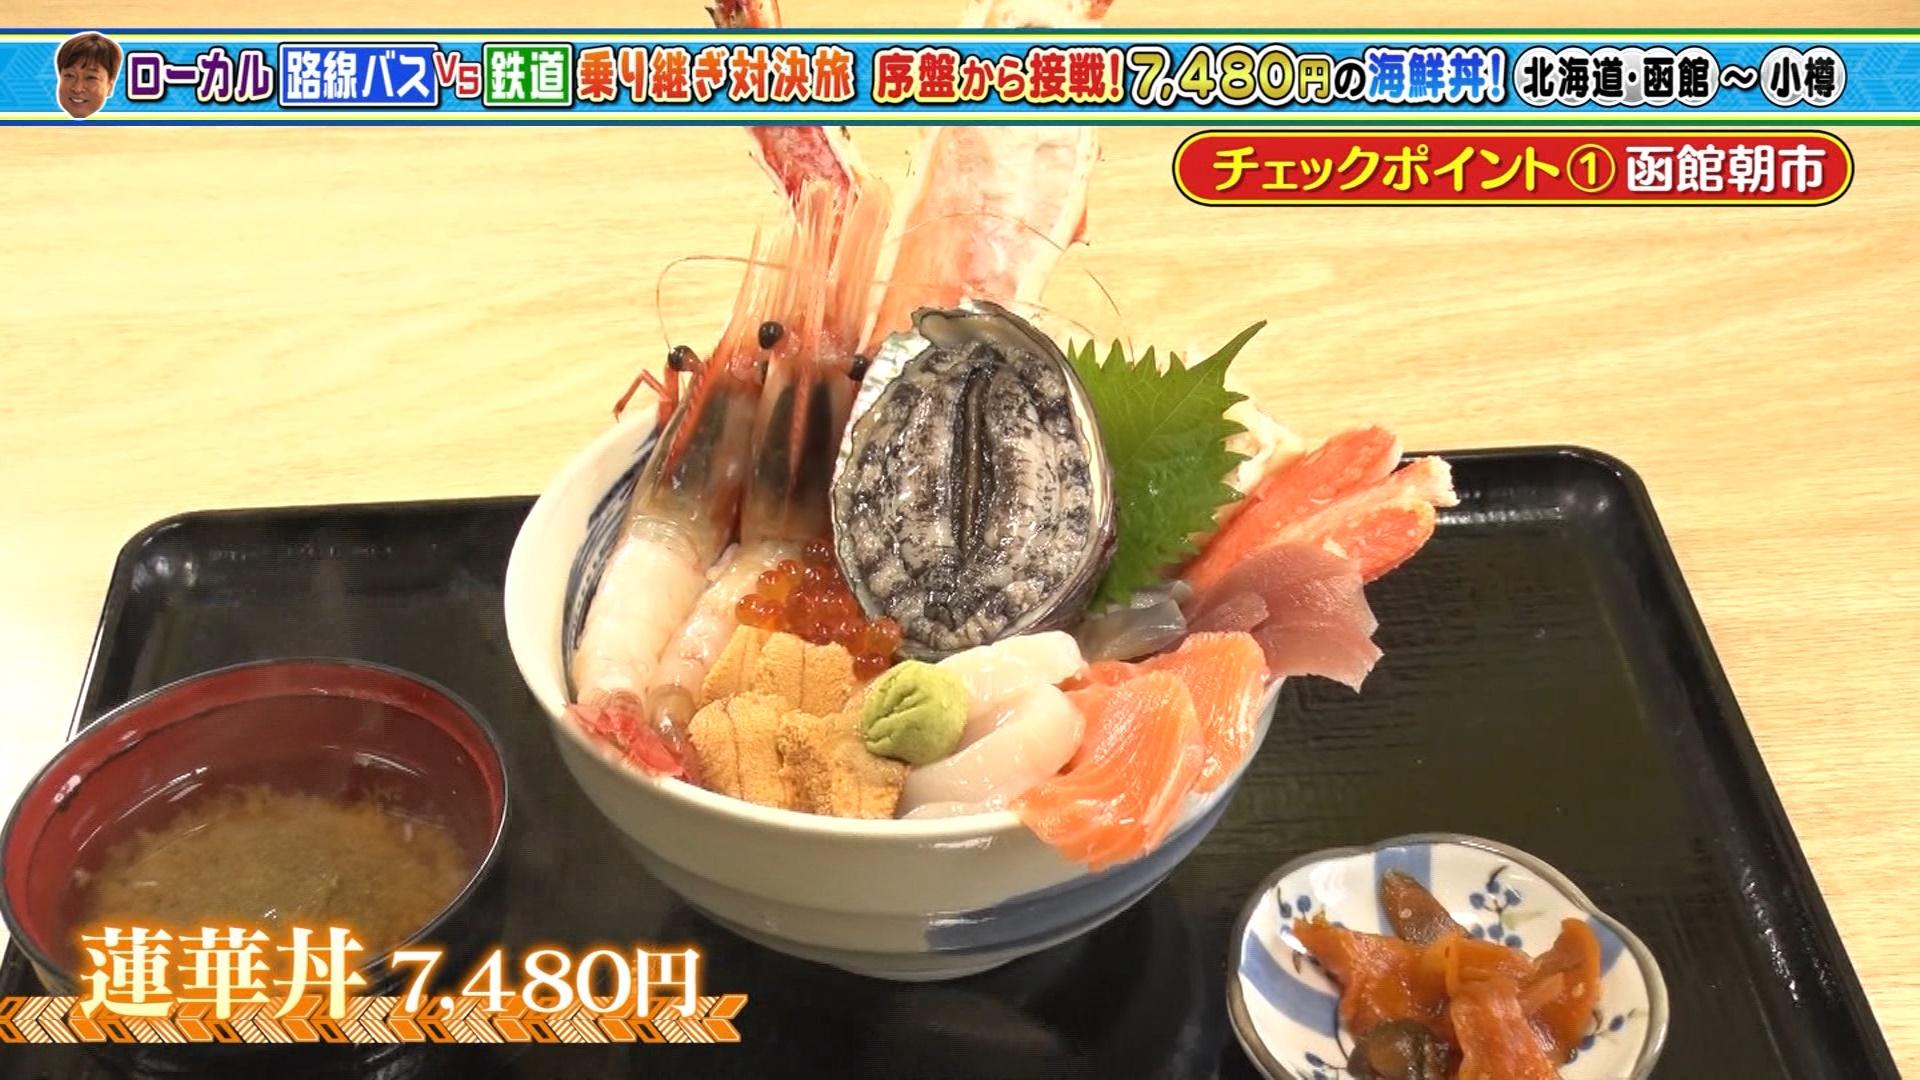 【画像】7480円の海鮮丼、ガチでヤバい